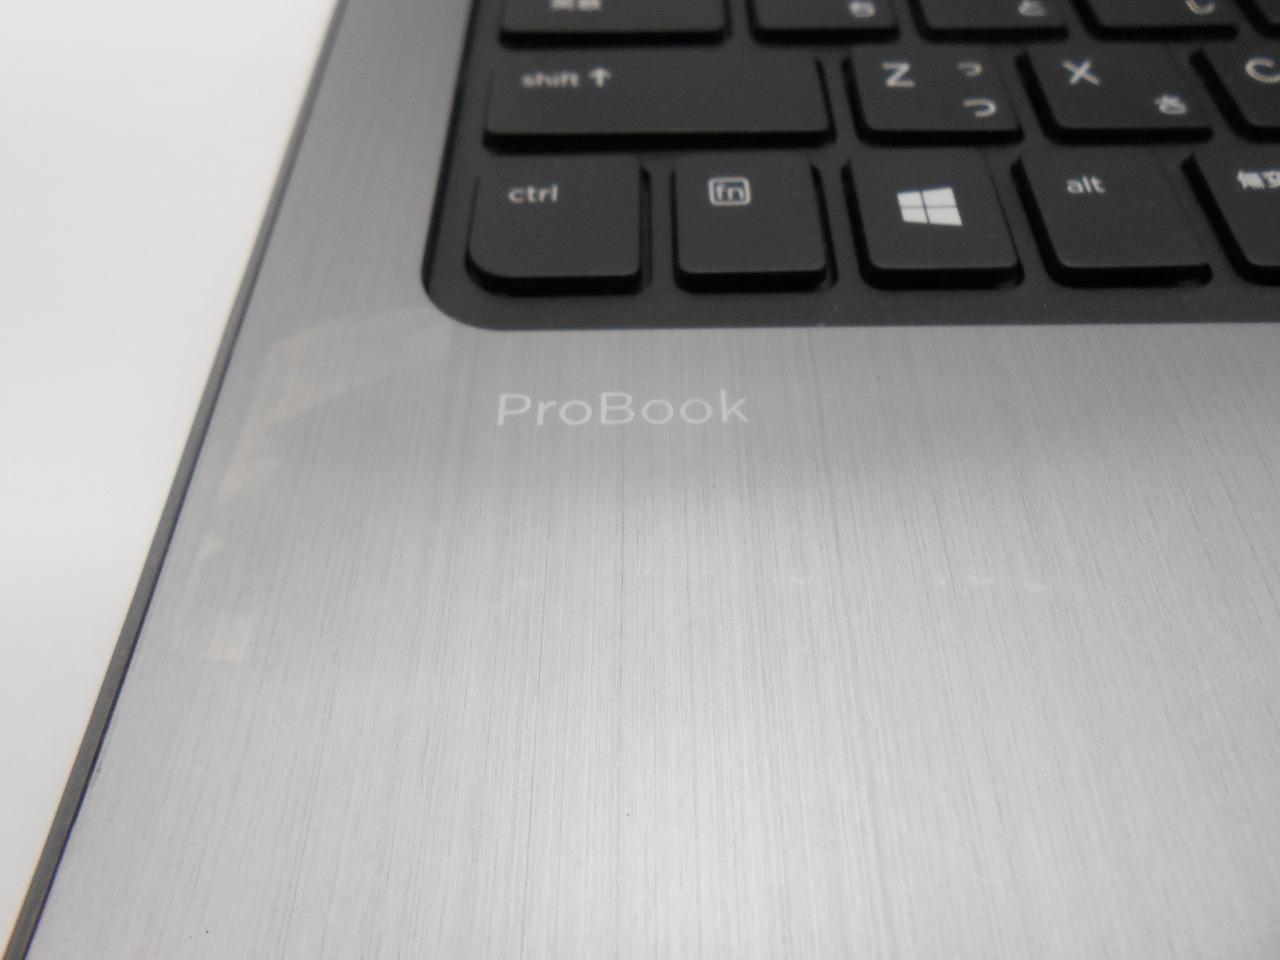 【テレワーク応援】【WPSOffice付】【中古】HP ProBook 430 G2/2015年モデル/Corei5 5200U 2.2GHz/メモリ4GB/HDD320GB/13インチ/Windows10Home【3ヶ月保証】【足立店発送】